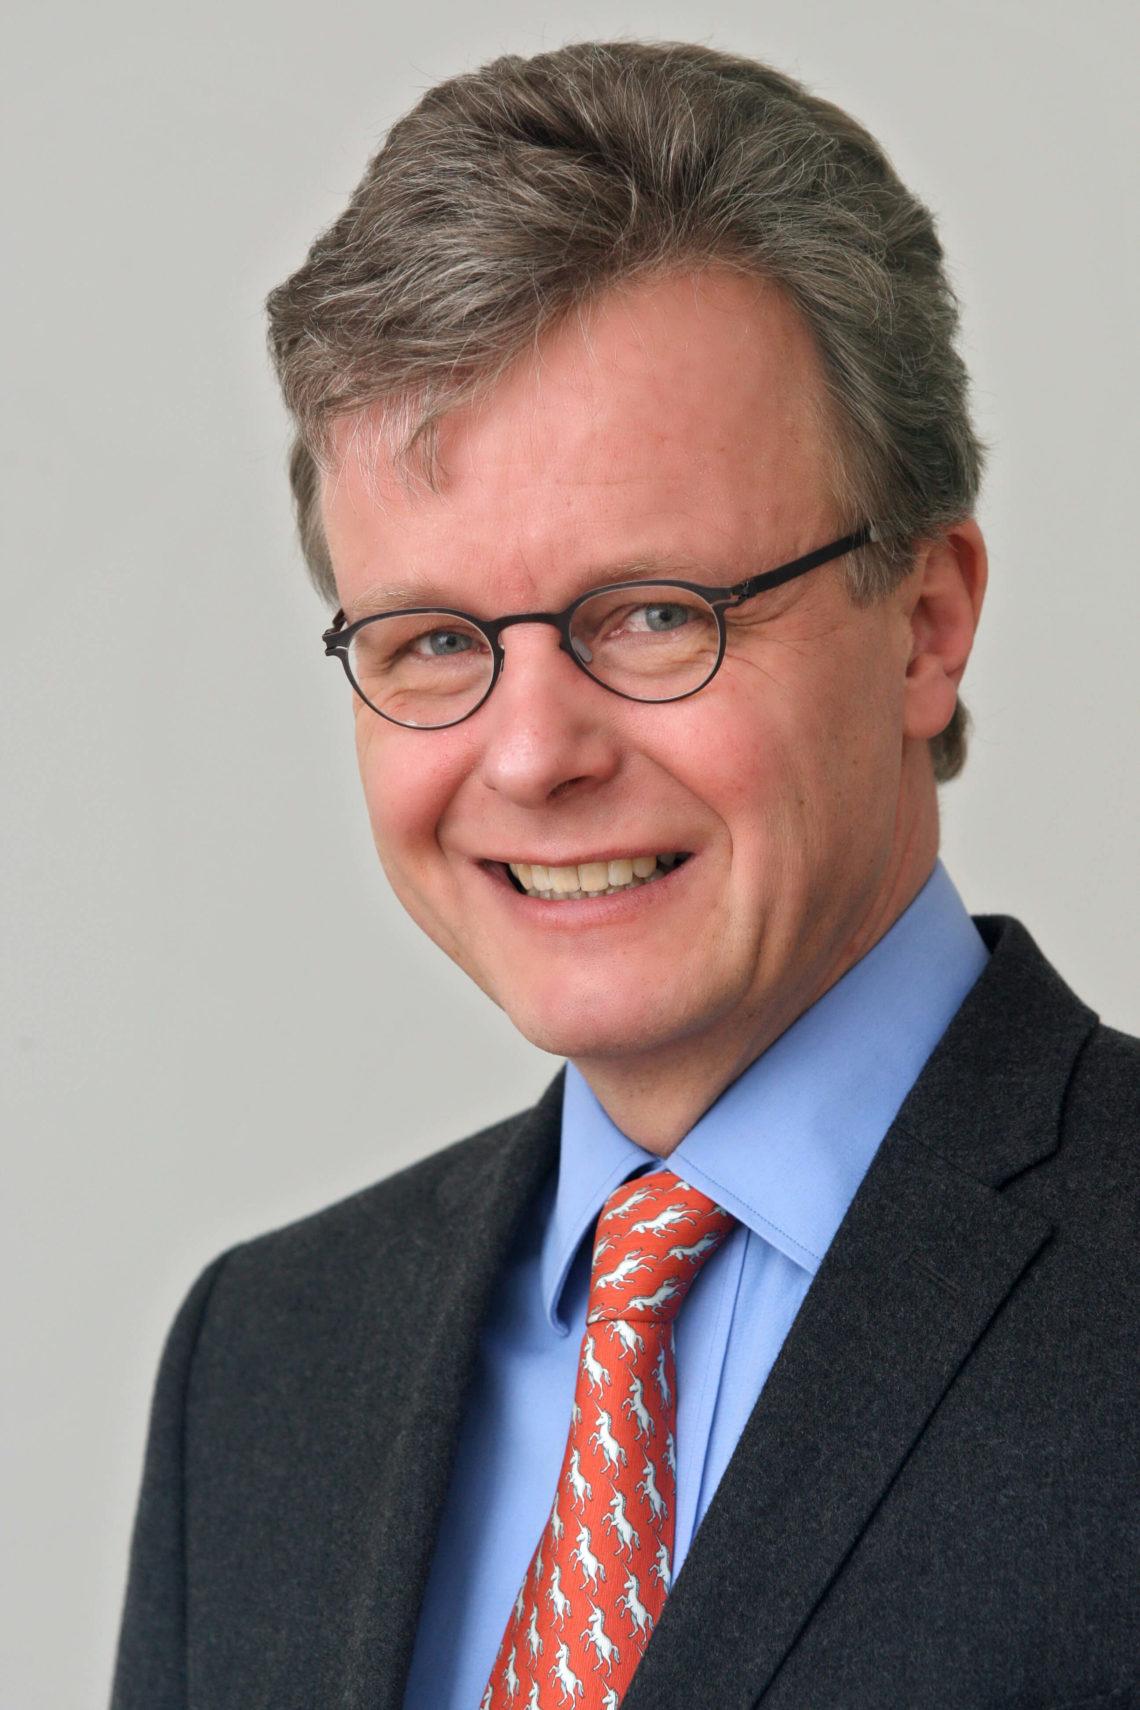 Interview mit Dortmunder Unternehmen: Thomas Meinke und das Patentrecht